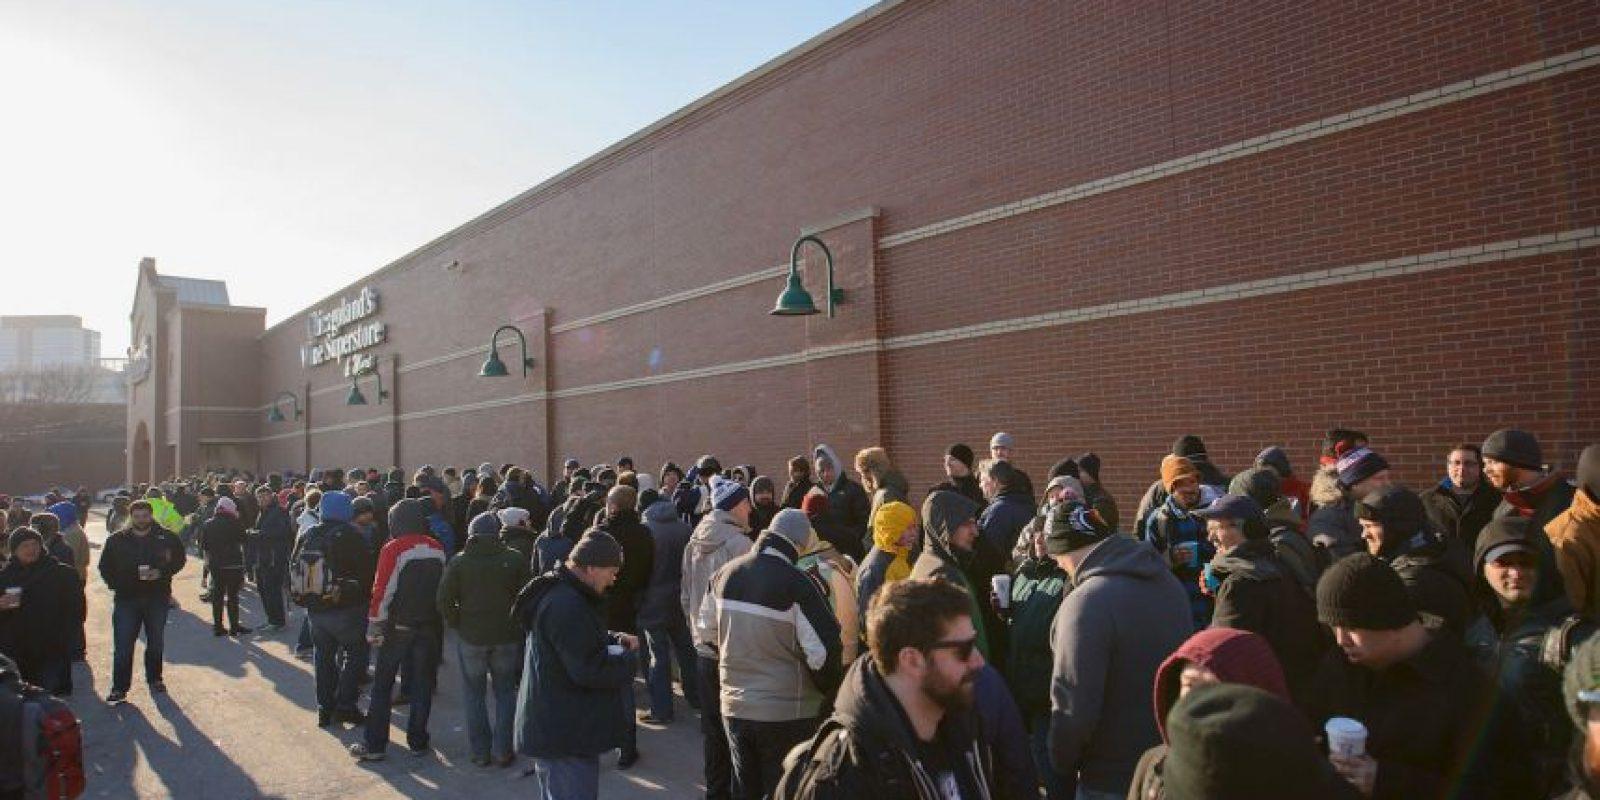 Este caso causó mucha controversia, ya que los compradores lo pisaron y continuaron su marcha hacia las compras. Foto:Getty